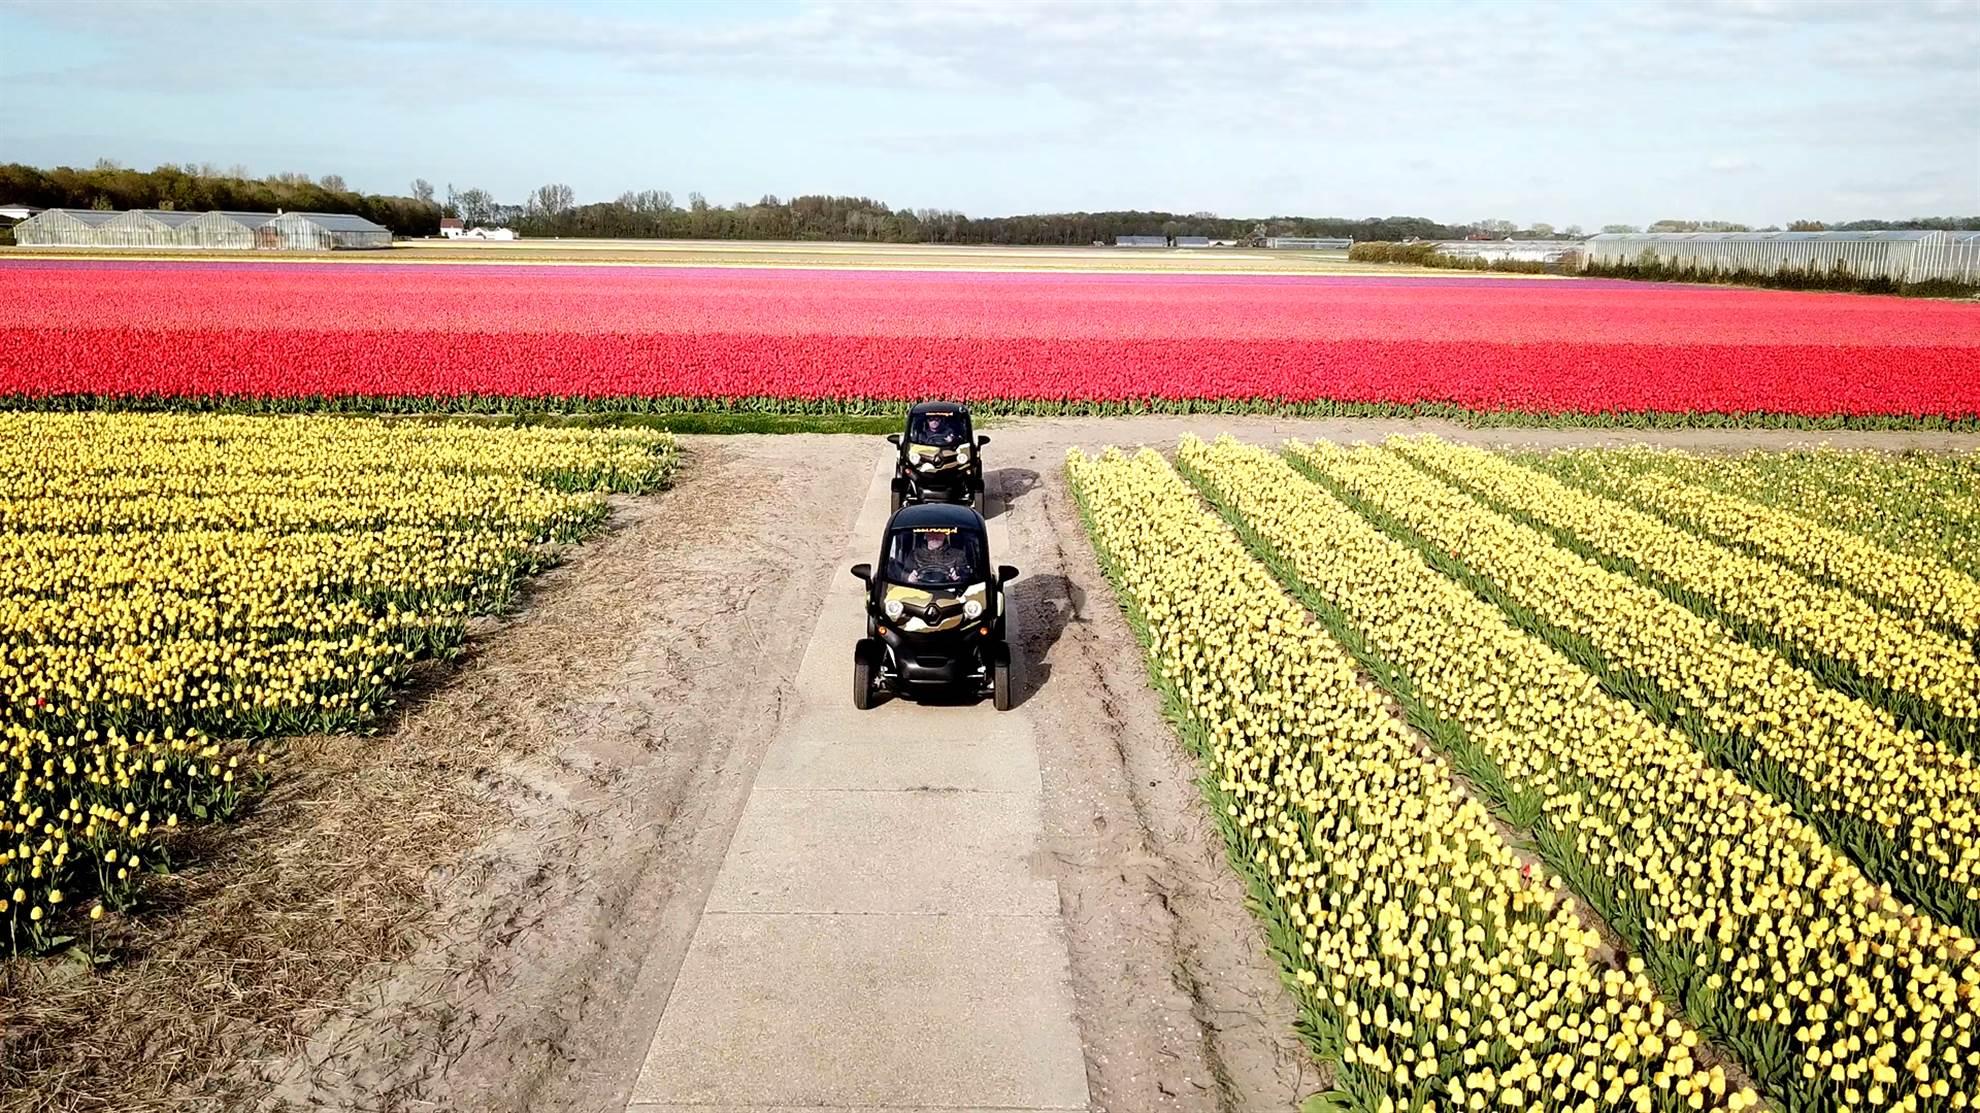 Experiência Flowerfield com Veículo Elétrico ( GPS e Audiofuia Incluidos)